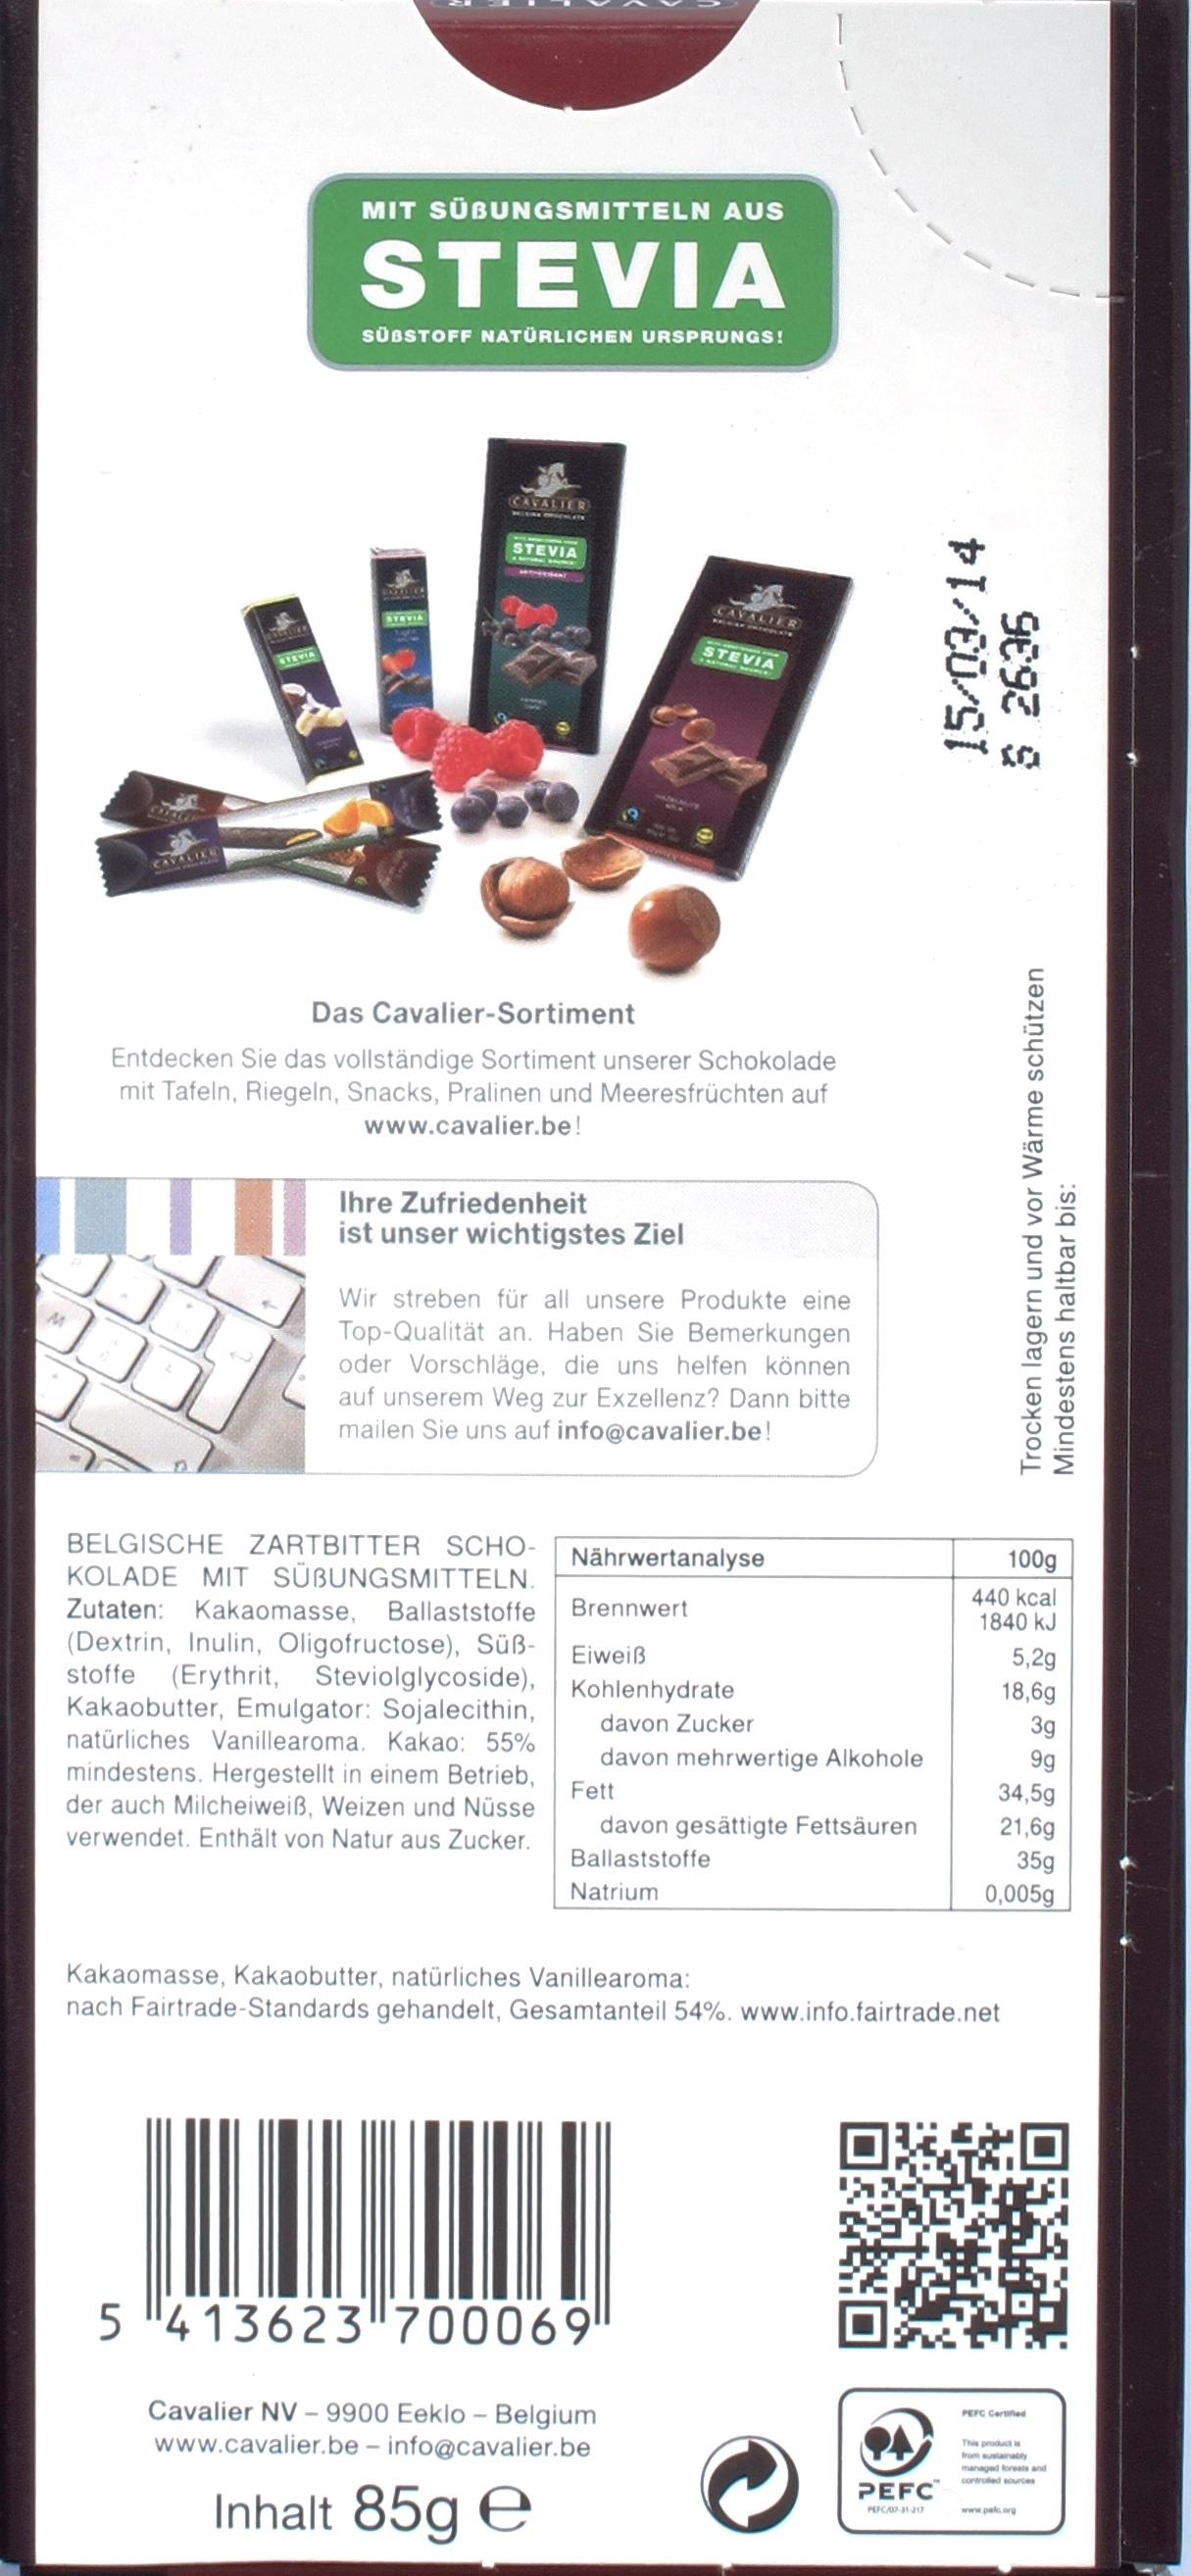 Cavalier Stevia-Schokolade Zartbitter, Rückseite